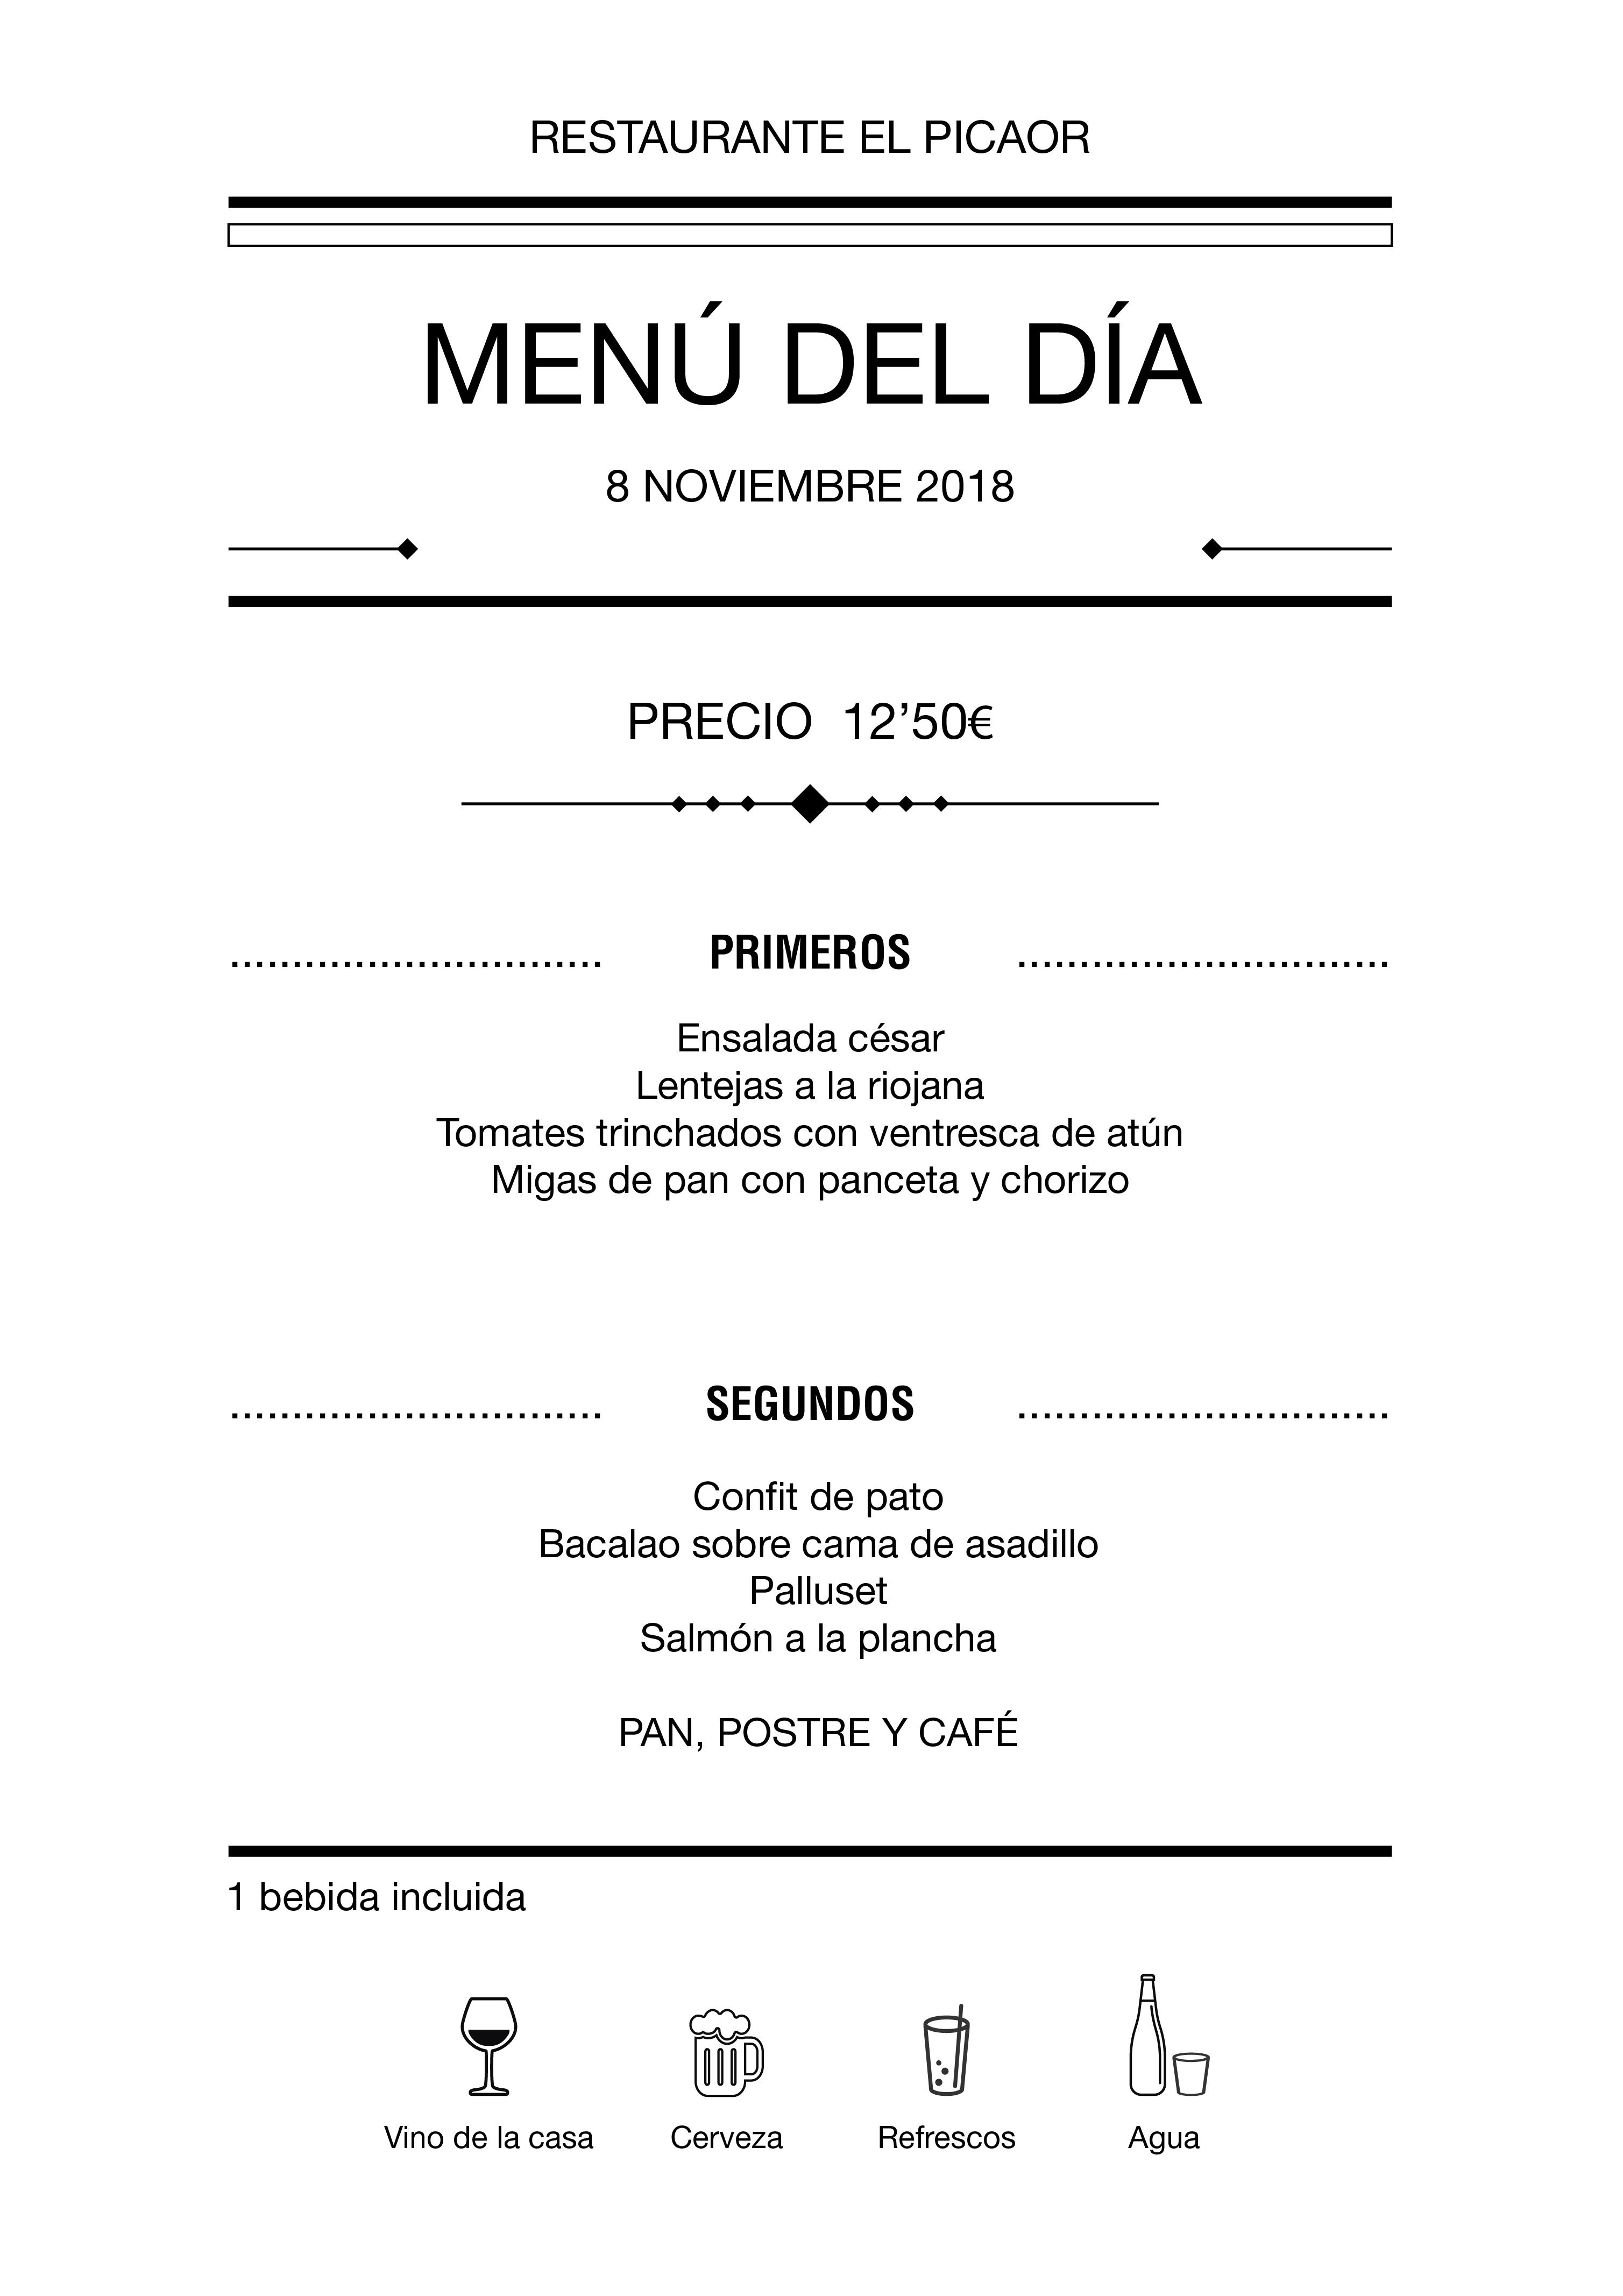 Menú diario El Picaor 08/11/18